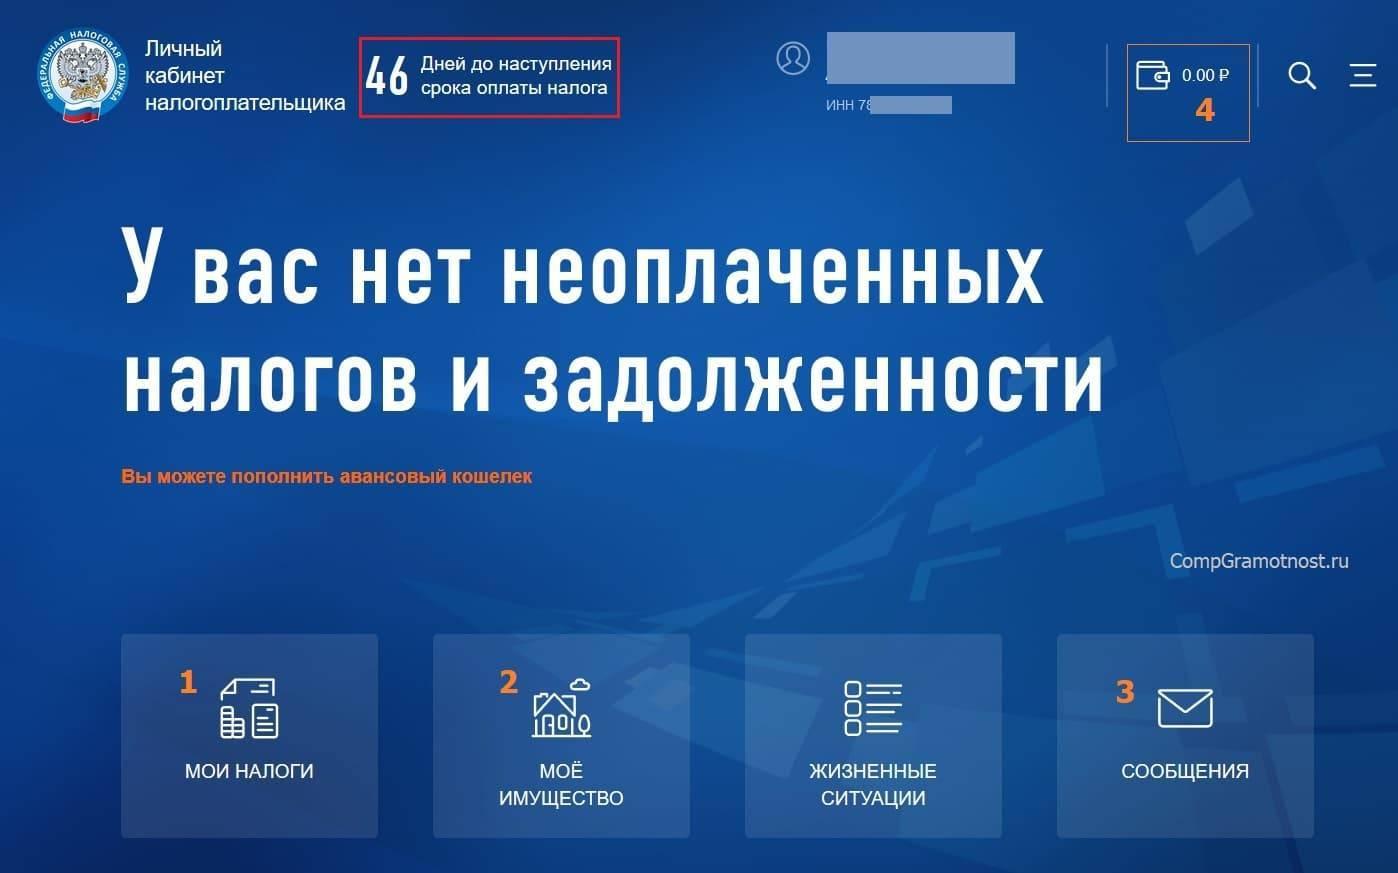 lichnyj-kabinet-nalogoplatelshchika-sajt-fns.jpg